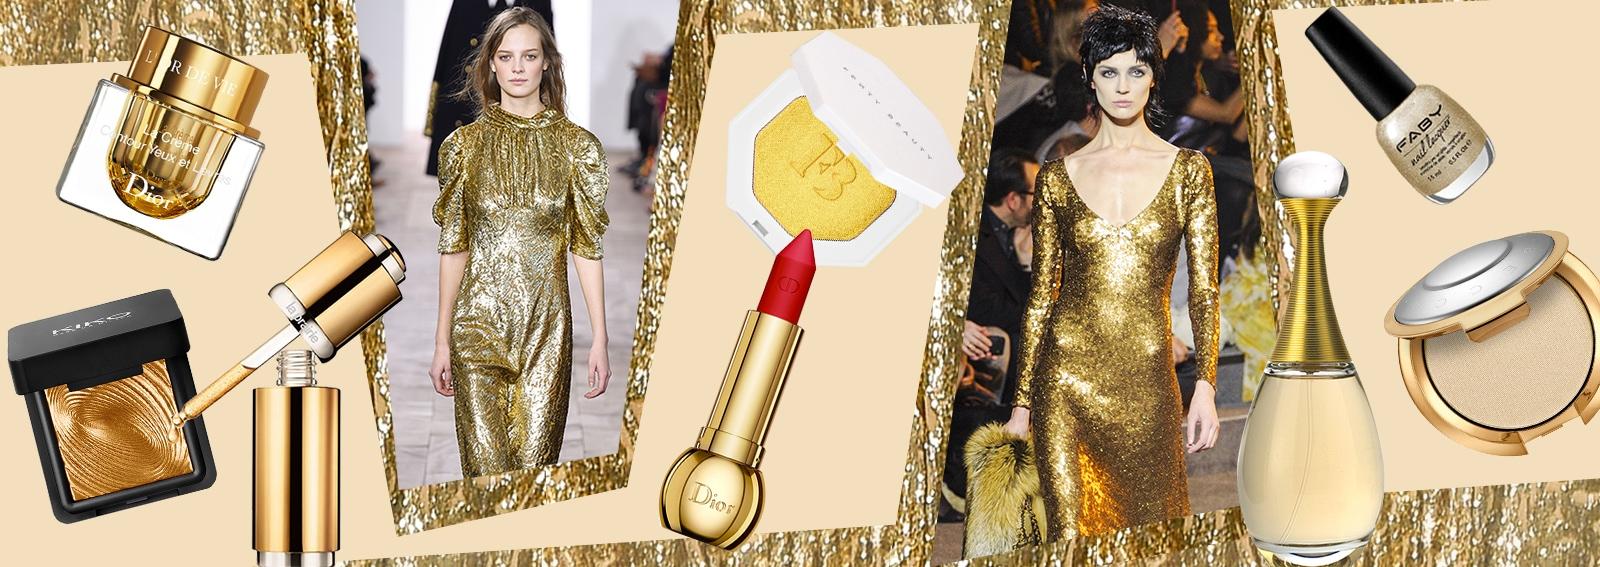 prodotti di bellezza make up oro collage_desktop